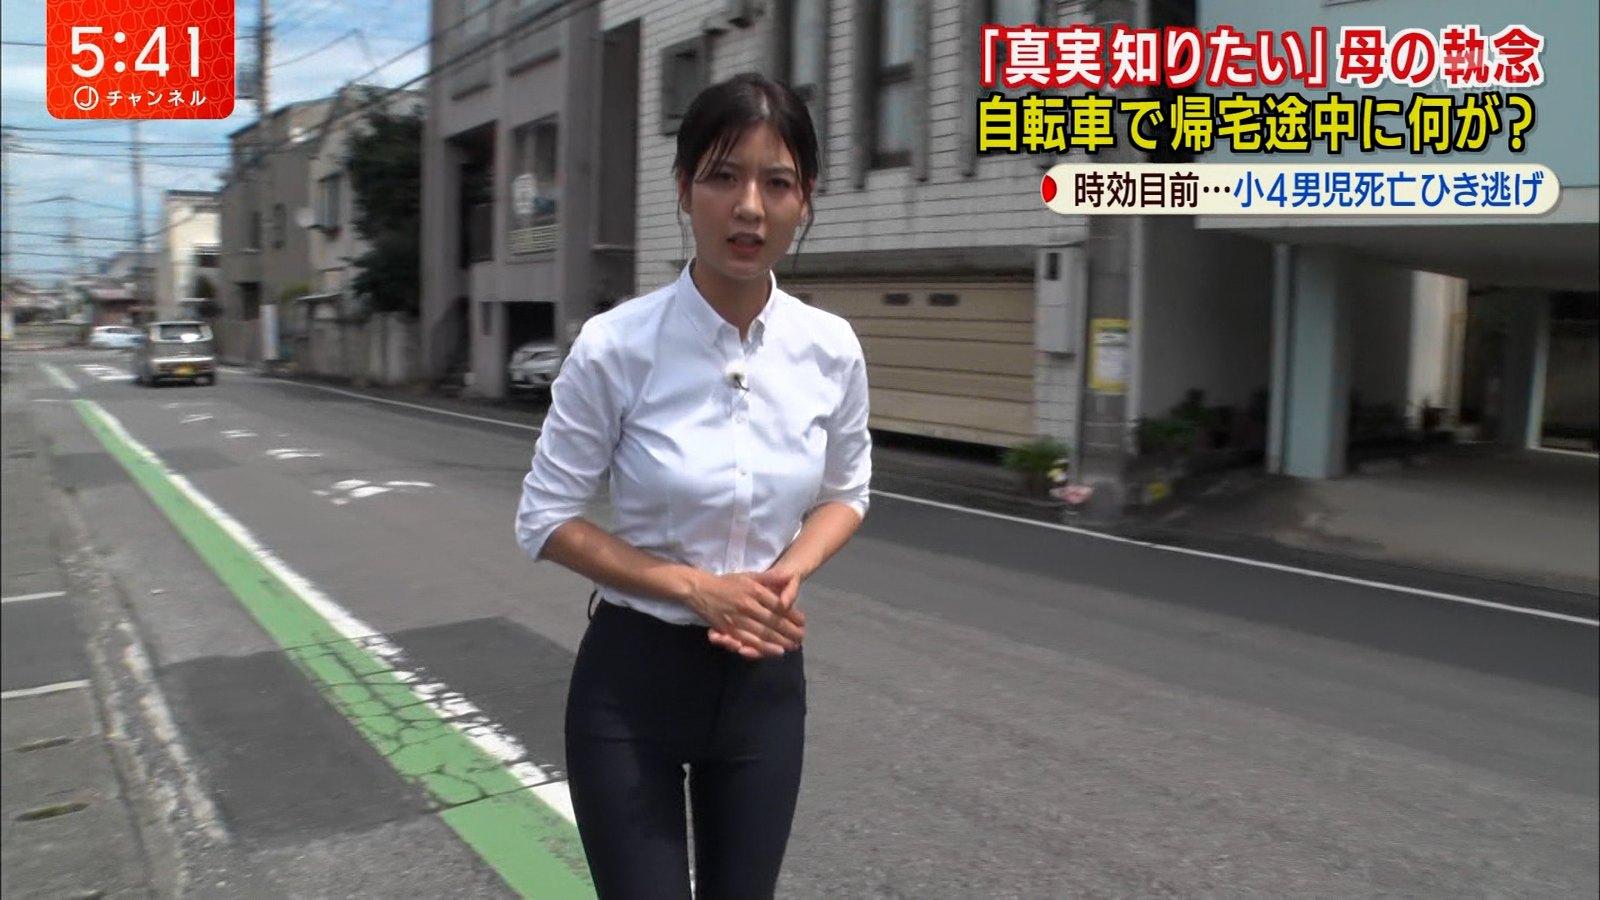 【画像】このアナウンサーのパンツスーツ流石にサイズ合ってなさ過ぎじゃないか?